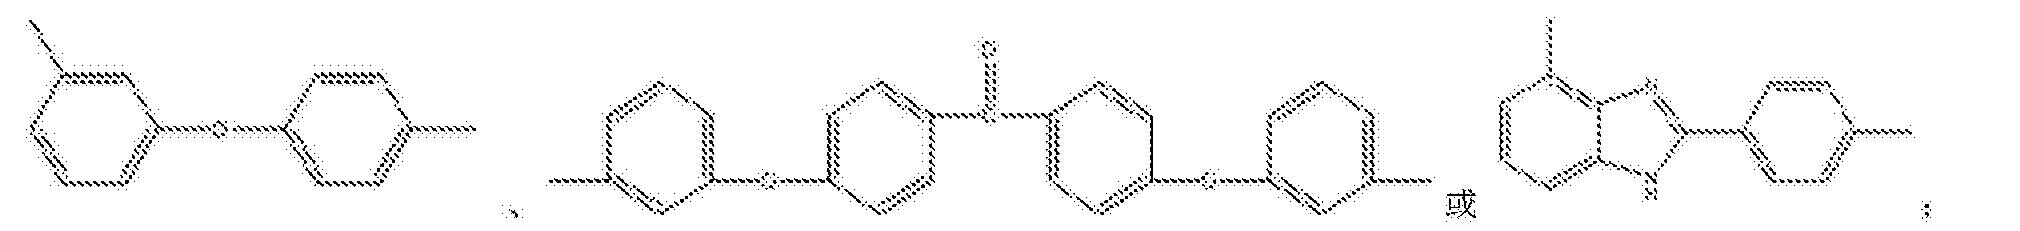 Figure CN104829837BD00114